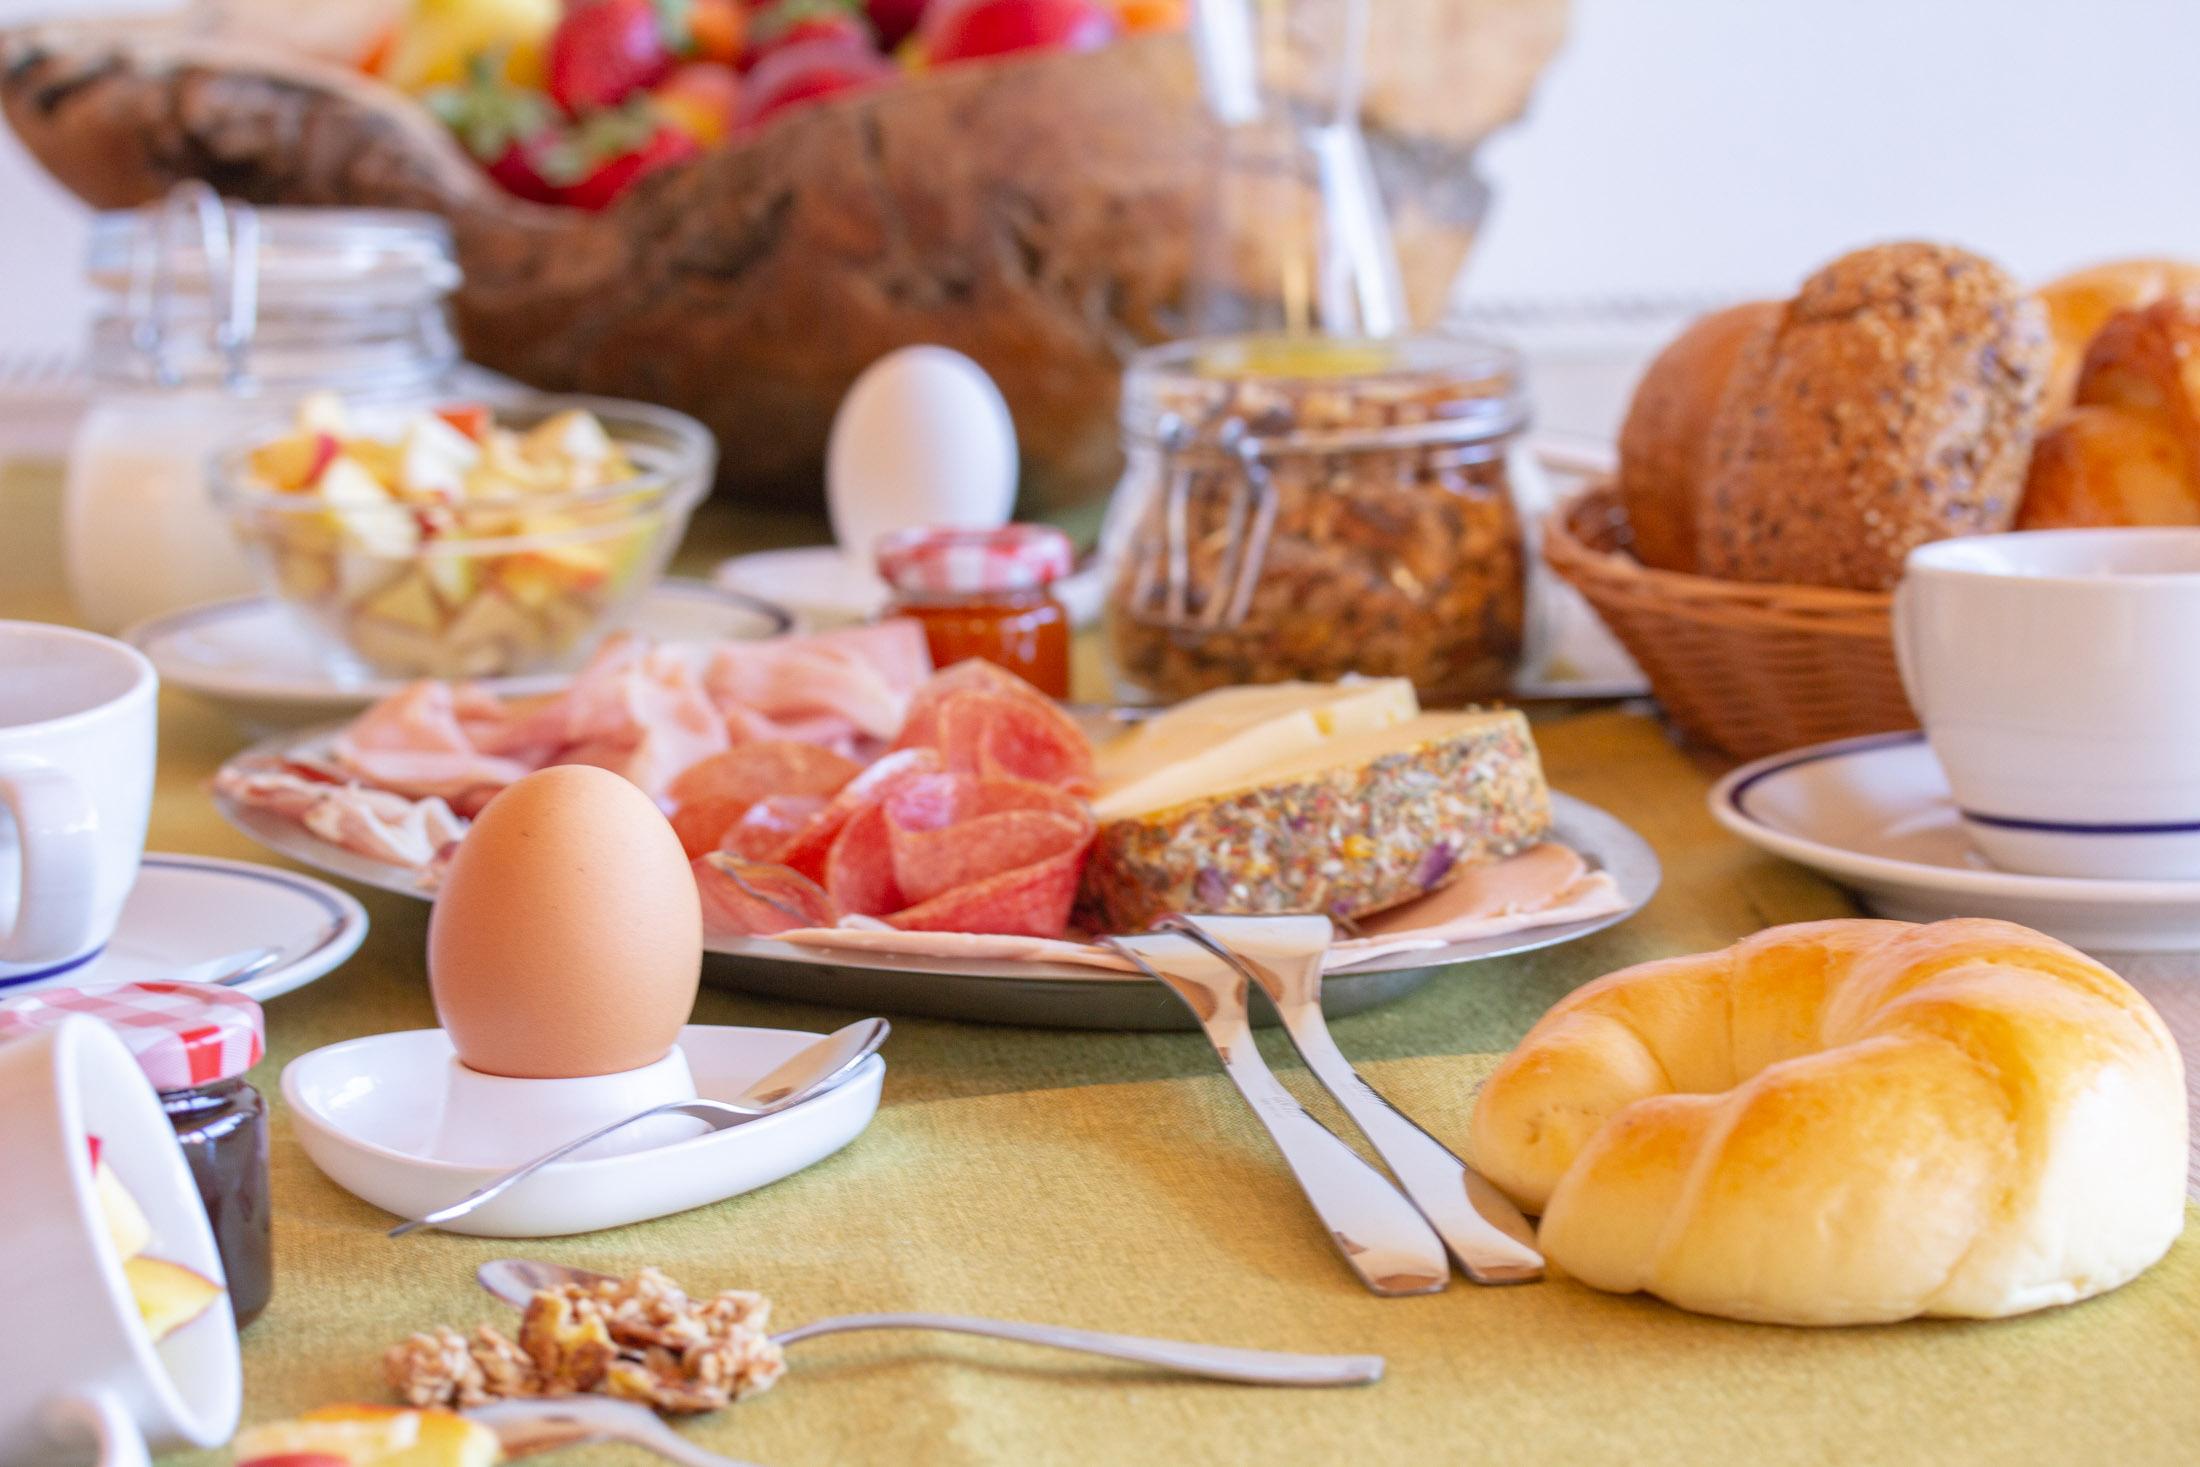 Ferienwohnung mit Frühstück in Vöran